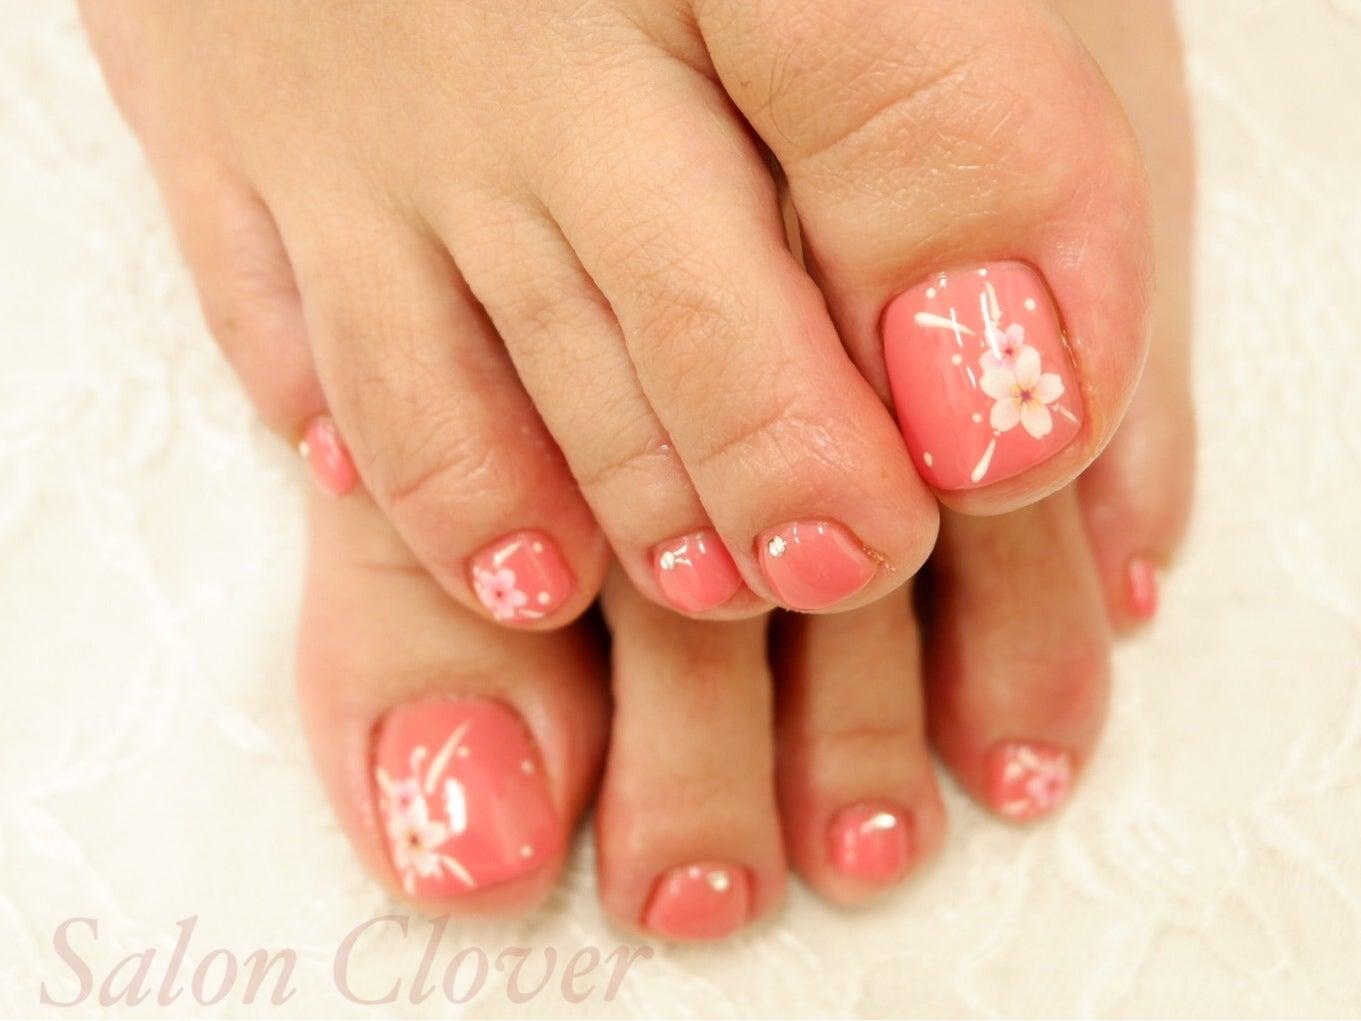 自爪をガリガリ削らない、自爪に優しいカルジェル♪春におすすめのピンクと桜、フットネイル